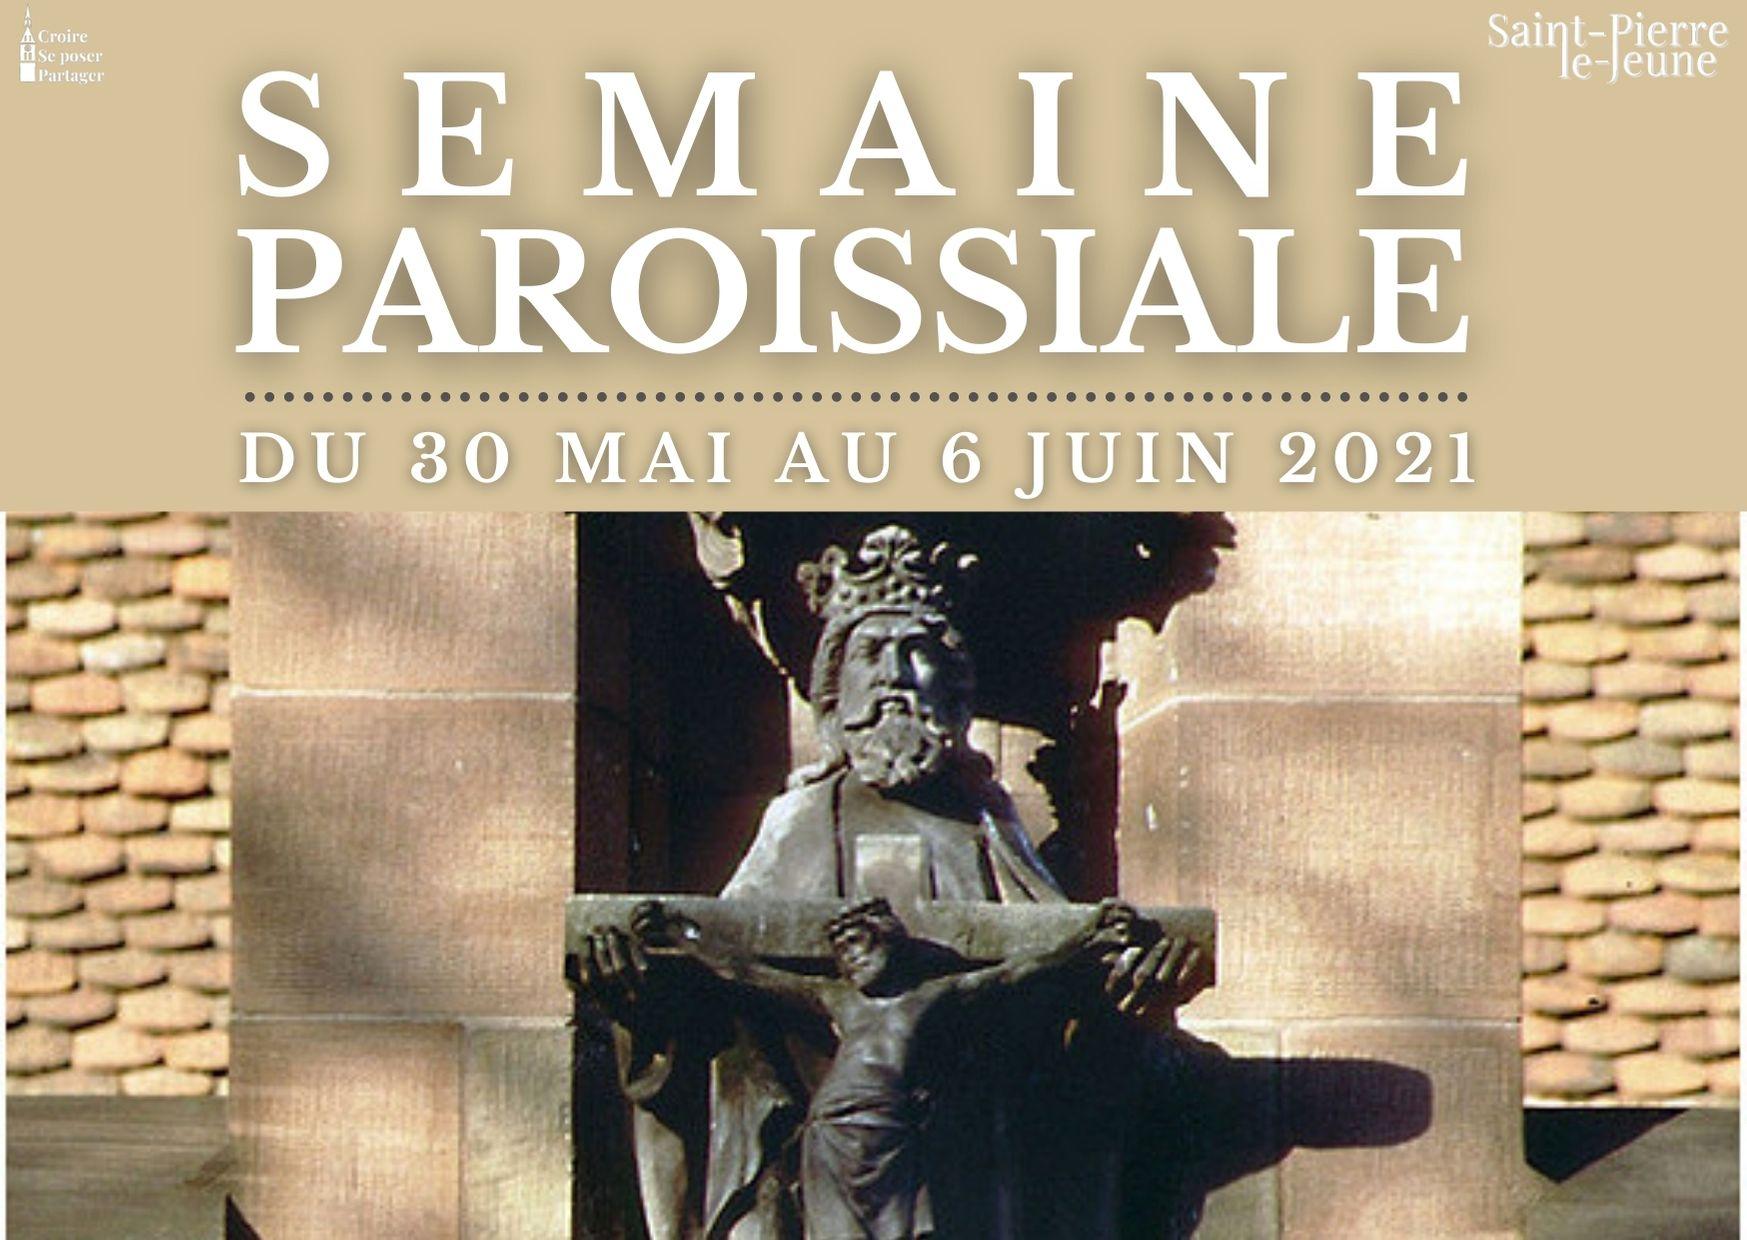 Semaine paroissiale - 30 mai 2021